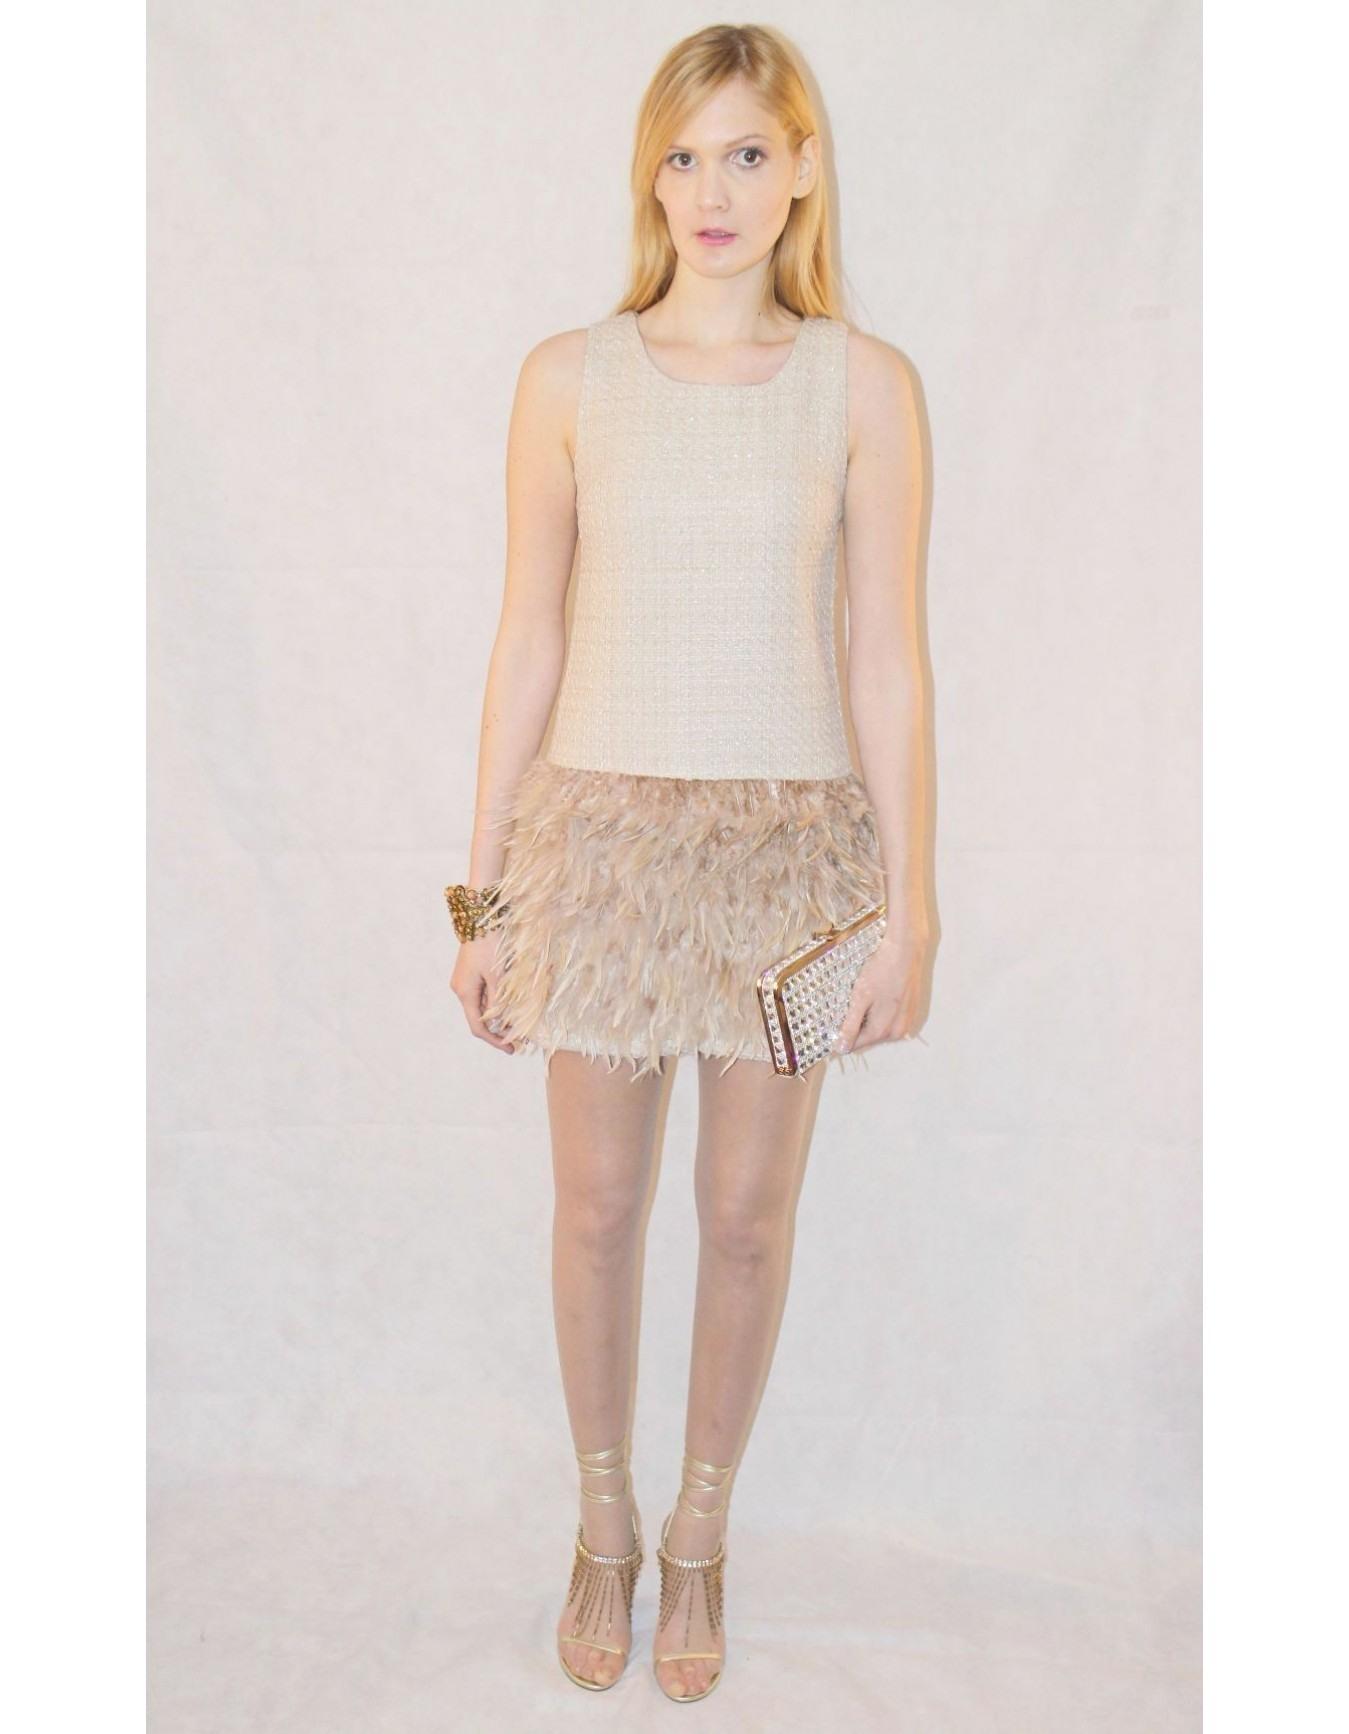 17 Cool Schlichte Kurze Kleider Stylish20 Luxus Schlichte Kurze Kleider Bester Preis